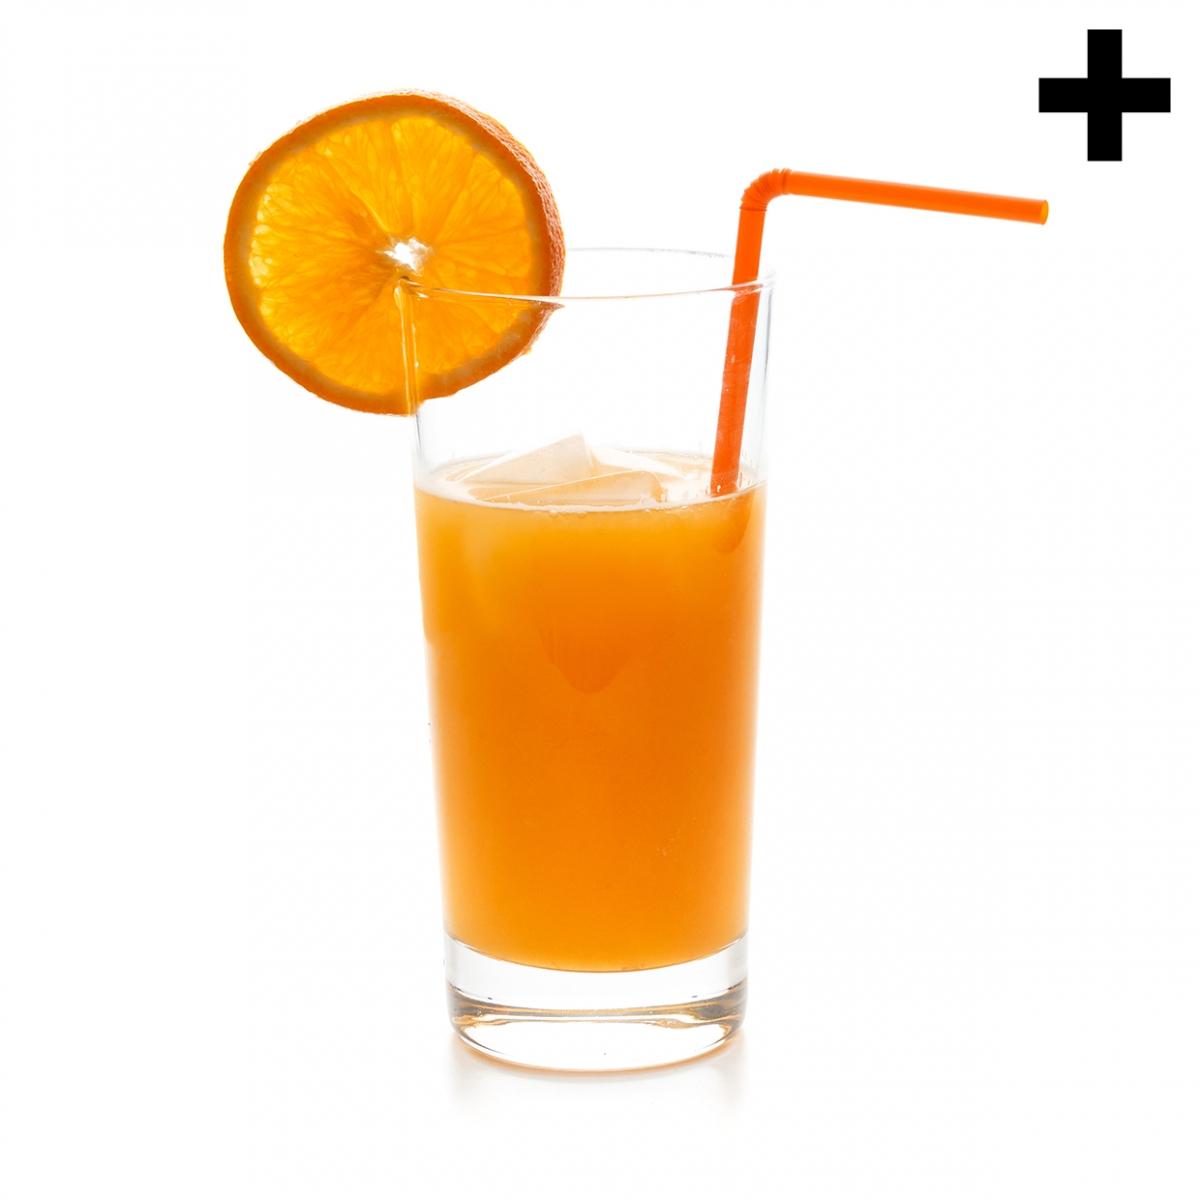 Imagen en la que se ve un vaso con naranjada, una rodaja de limón en el borde y una pajita naranja